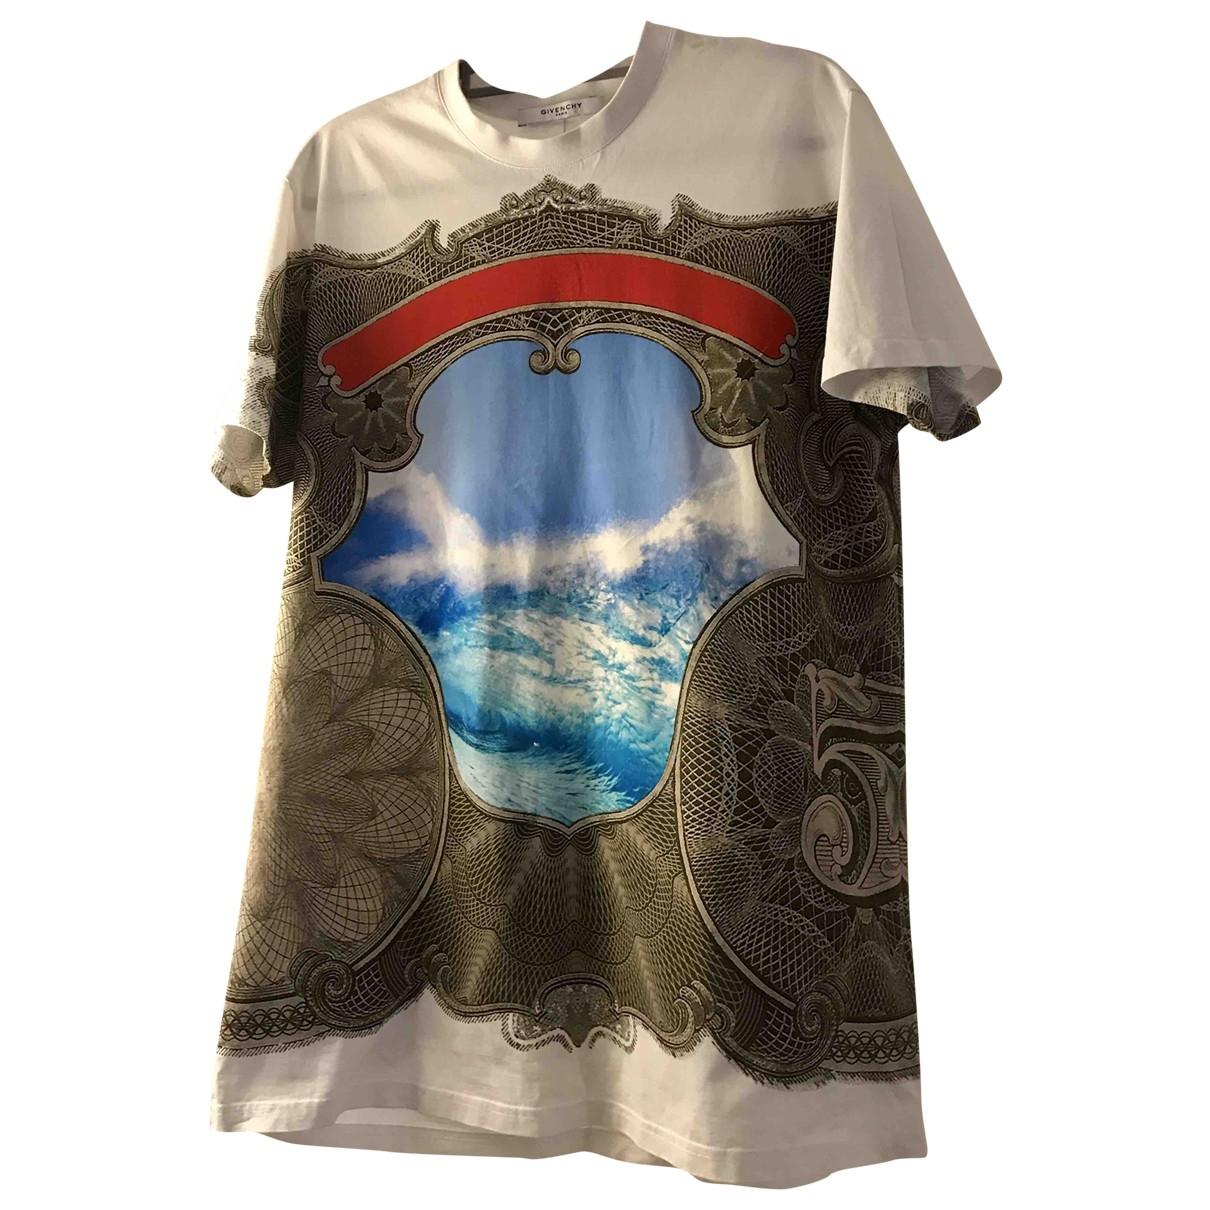 Givenchy - Tee shirts   pour homme en coton - multicolore